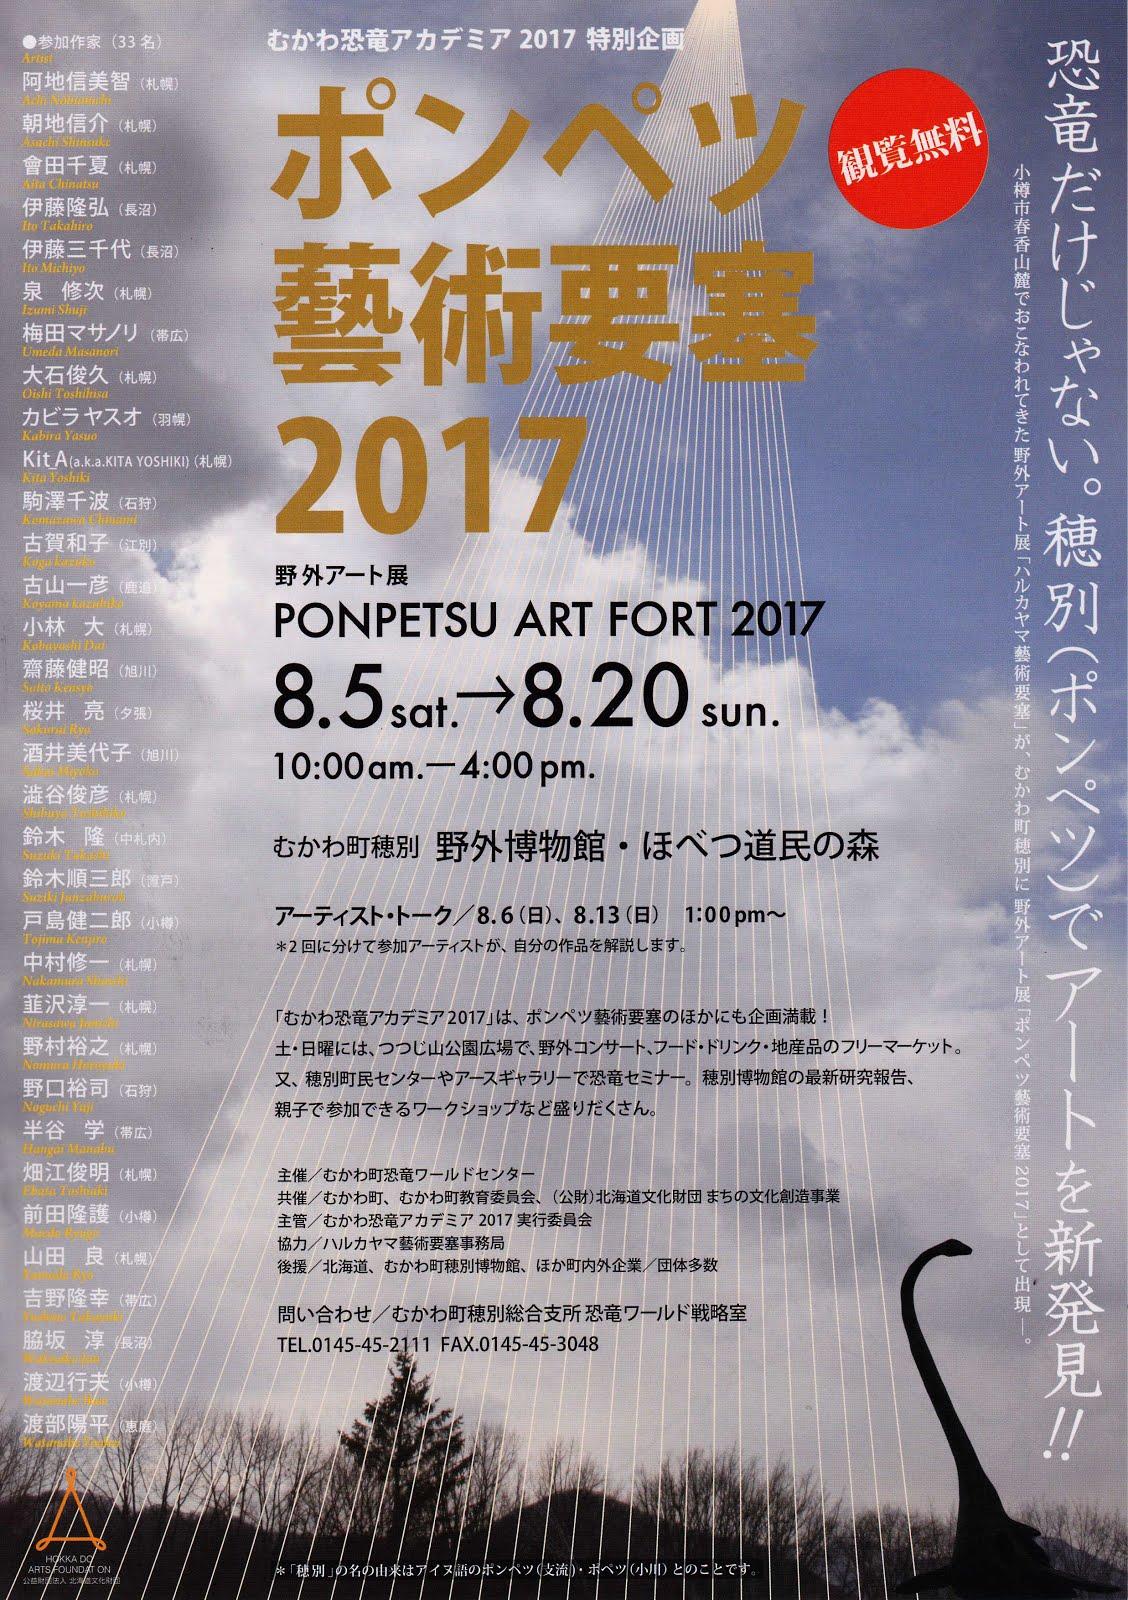 ポンペツ藝術要塞2017